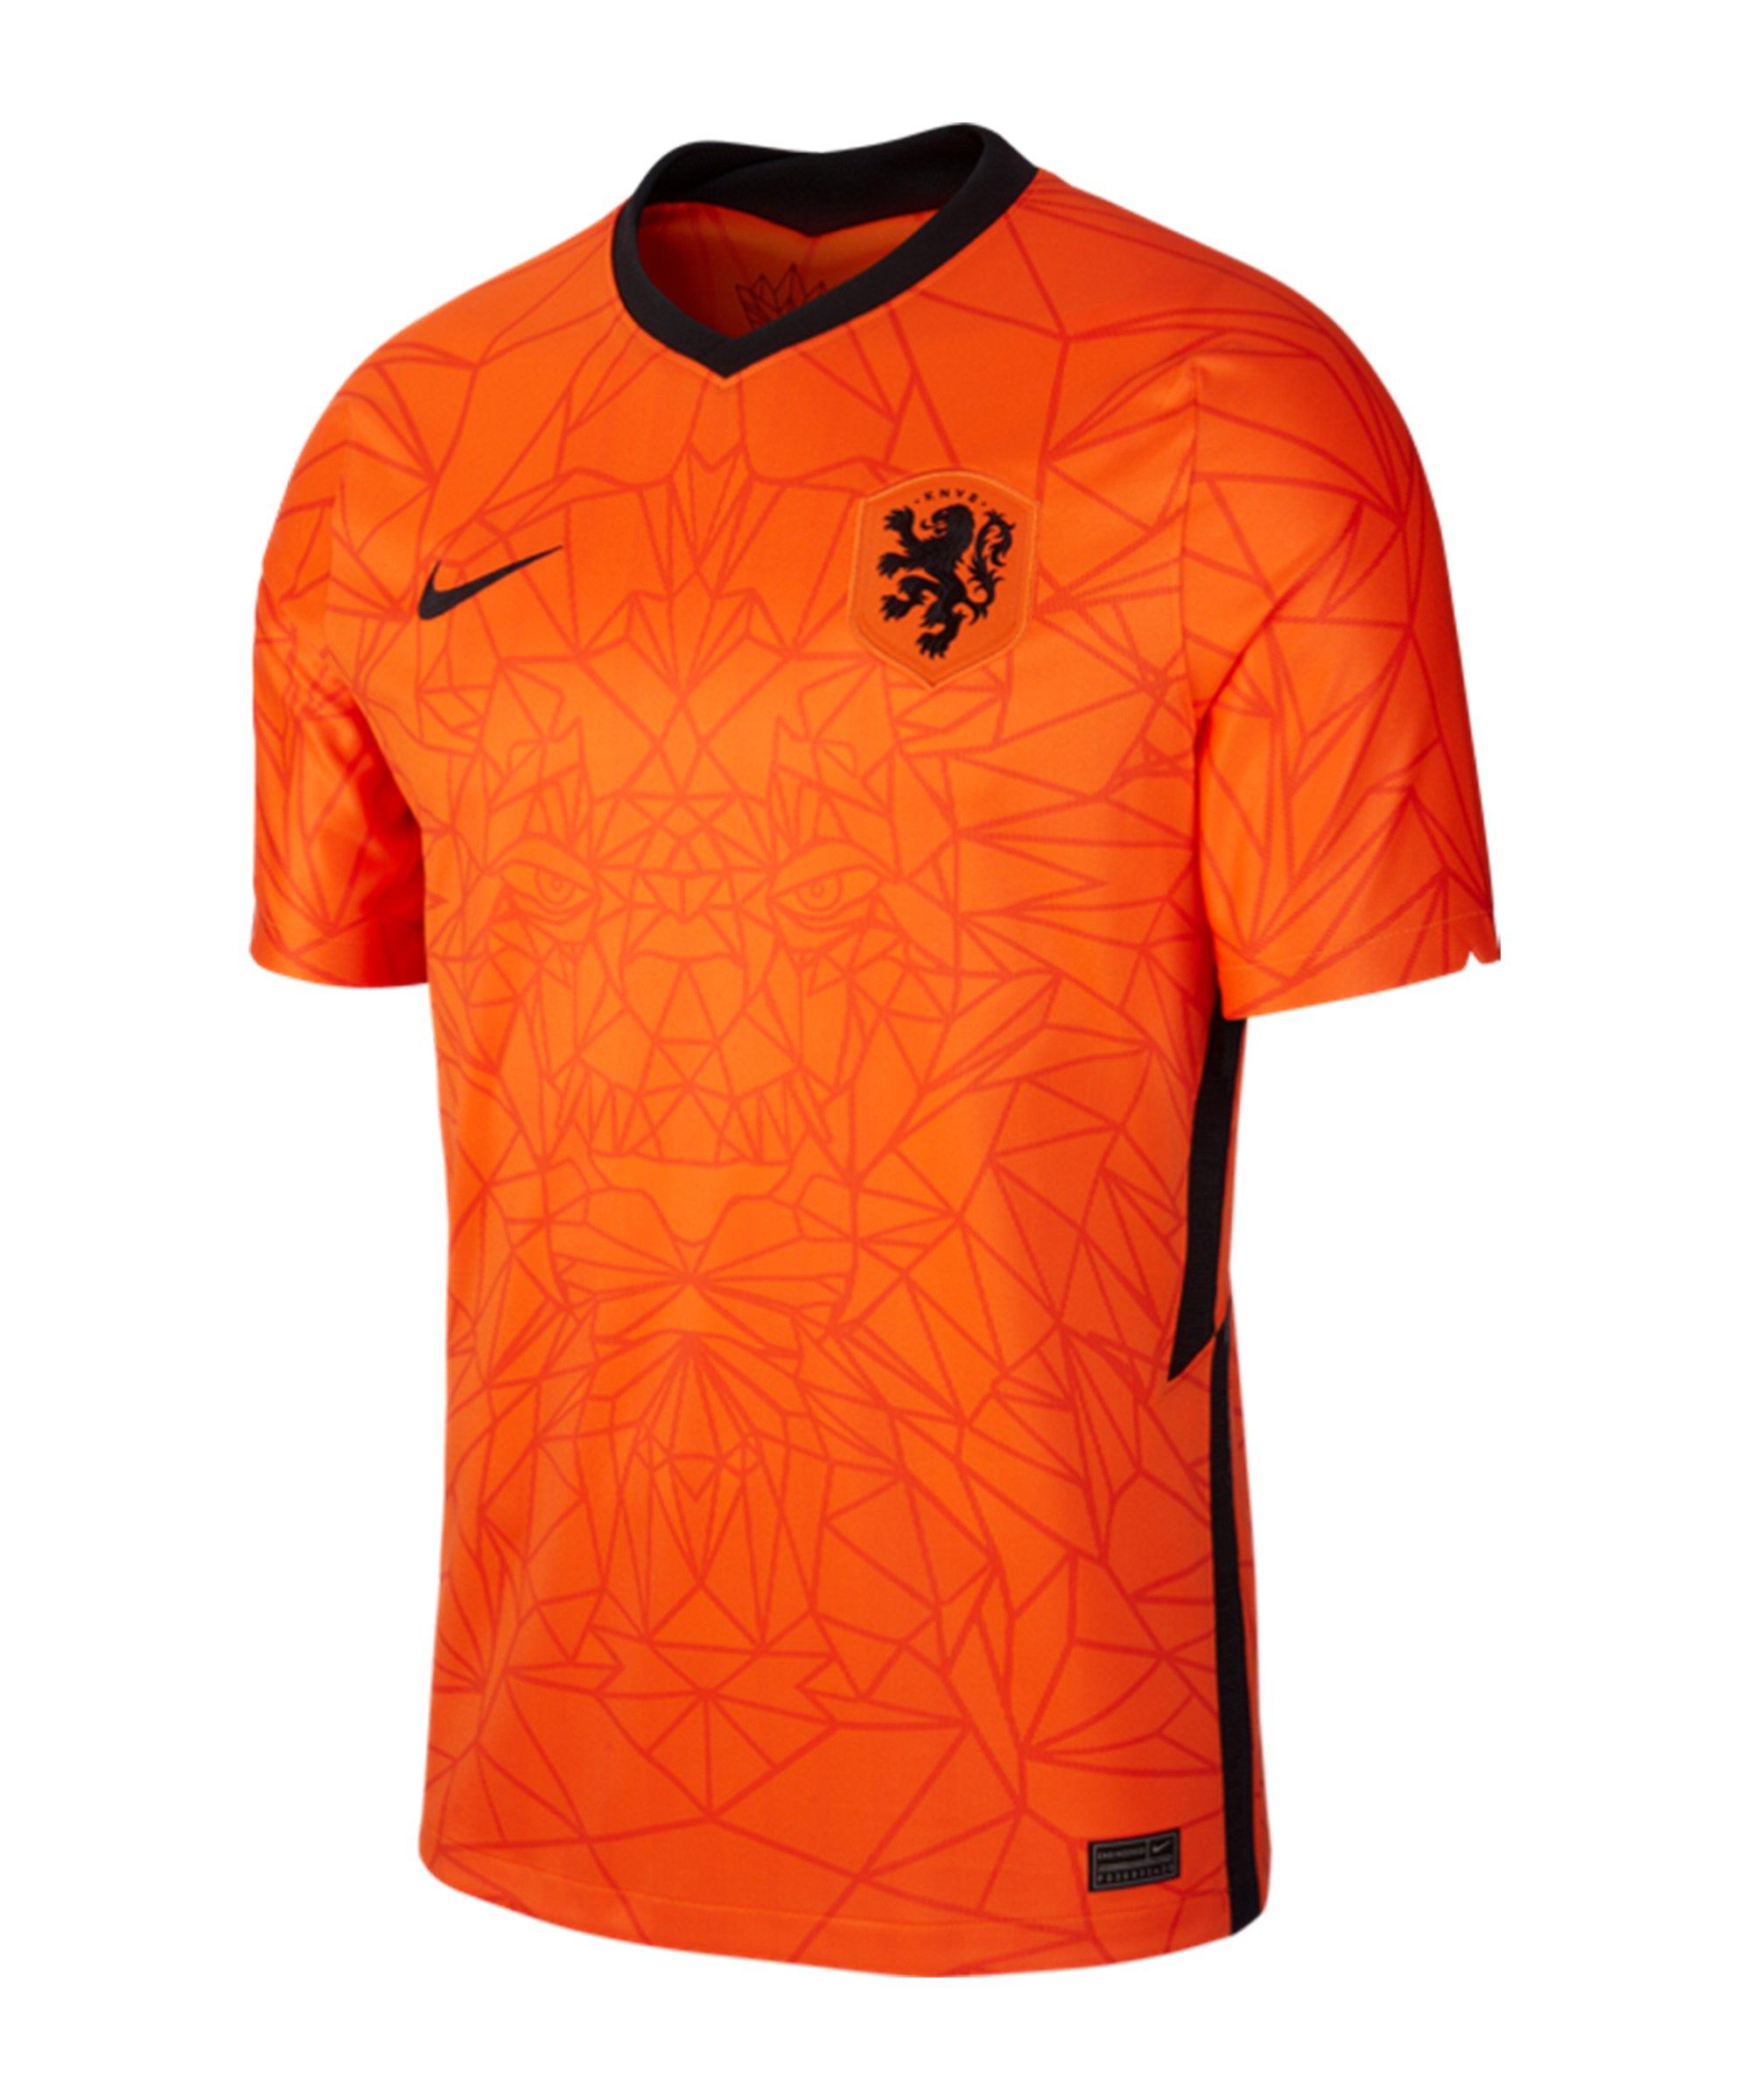 Nike Niederlande Trikot Home EM 2020 Orange F819 - orange